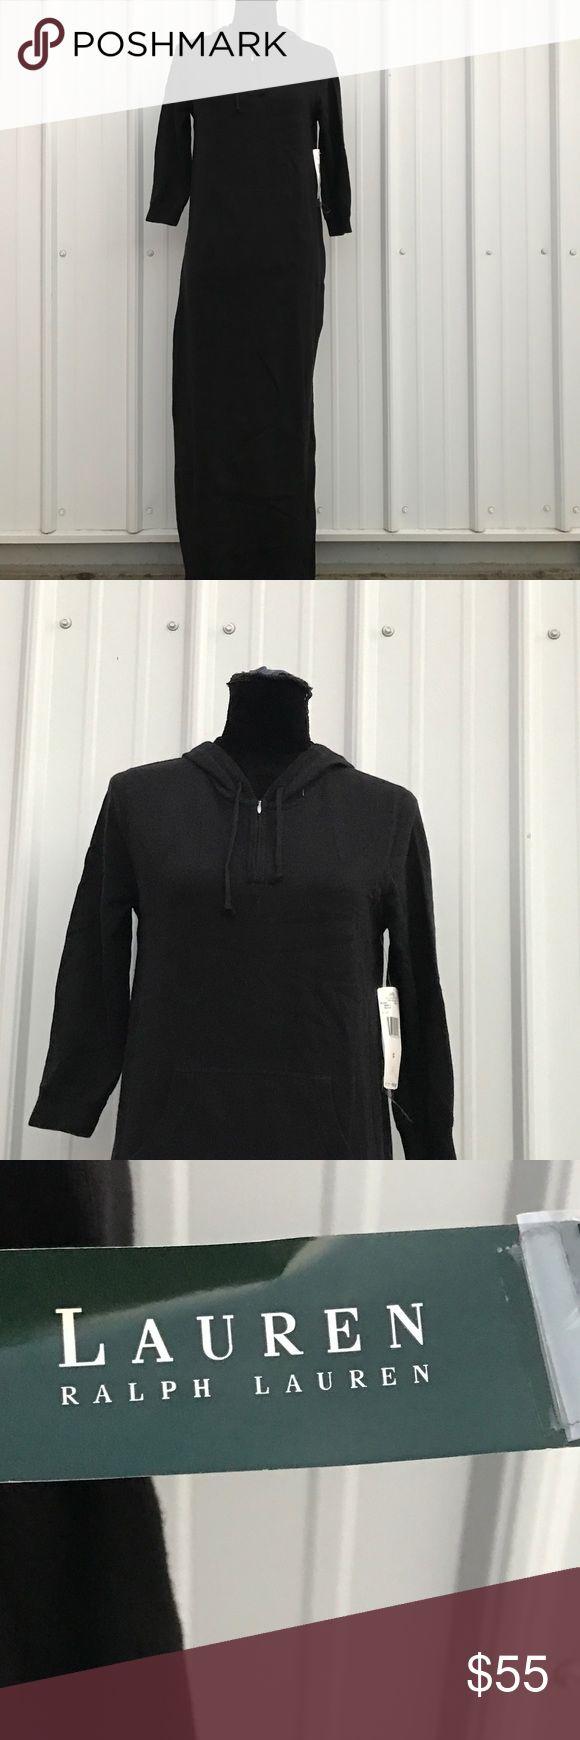 """Lauren Ralph Lauren Black Knit Maxi Dress Pull over, hooded, long sleeve, black knit maxi dress. 18 1/2"""" chest, full length. Lauren Ralph Lauren Dresses Maxi"""